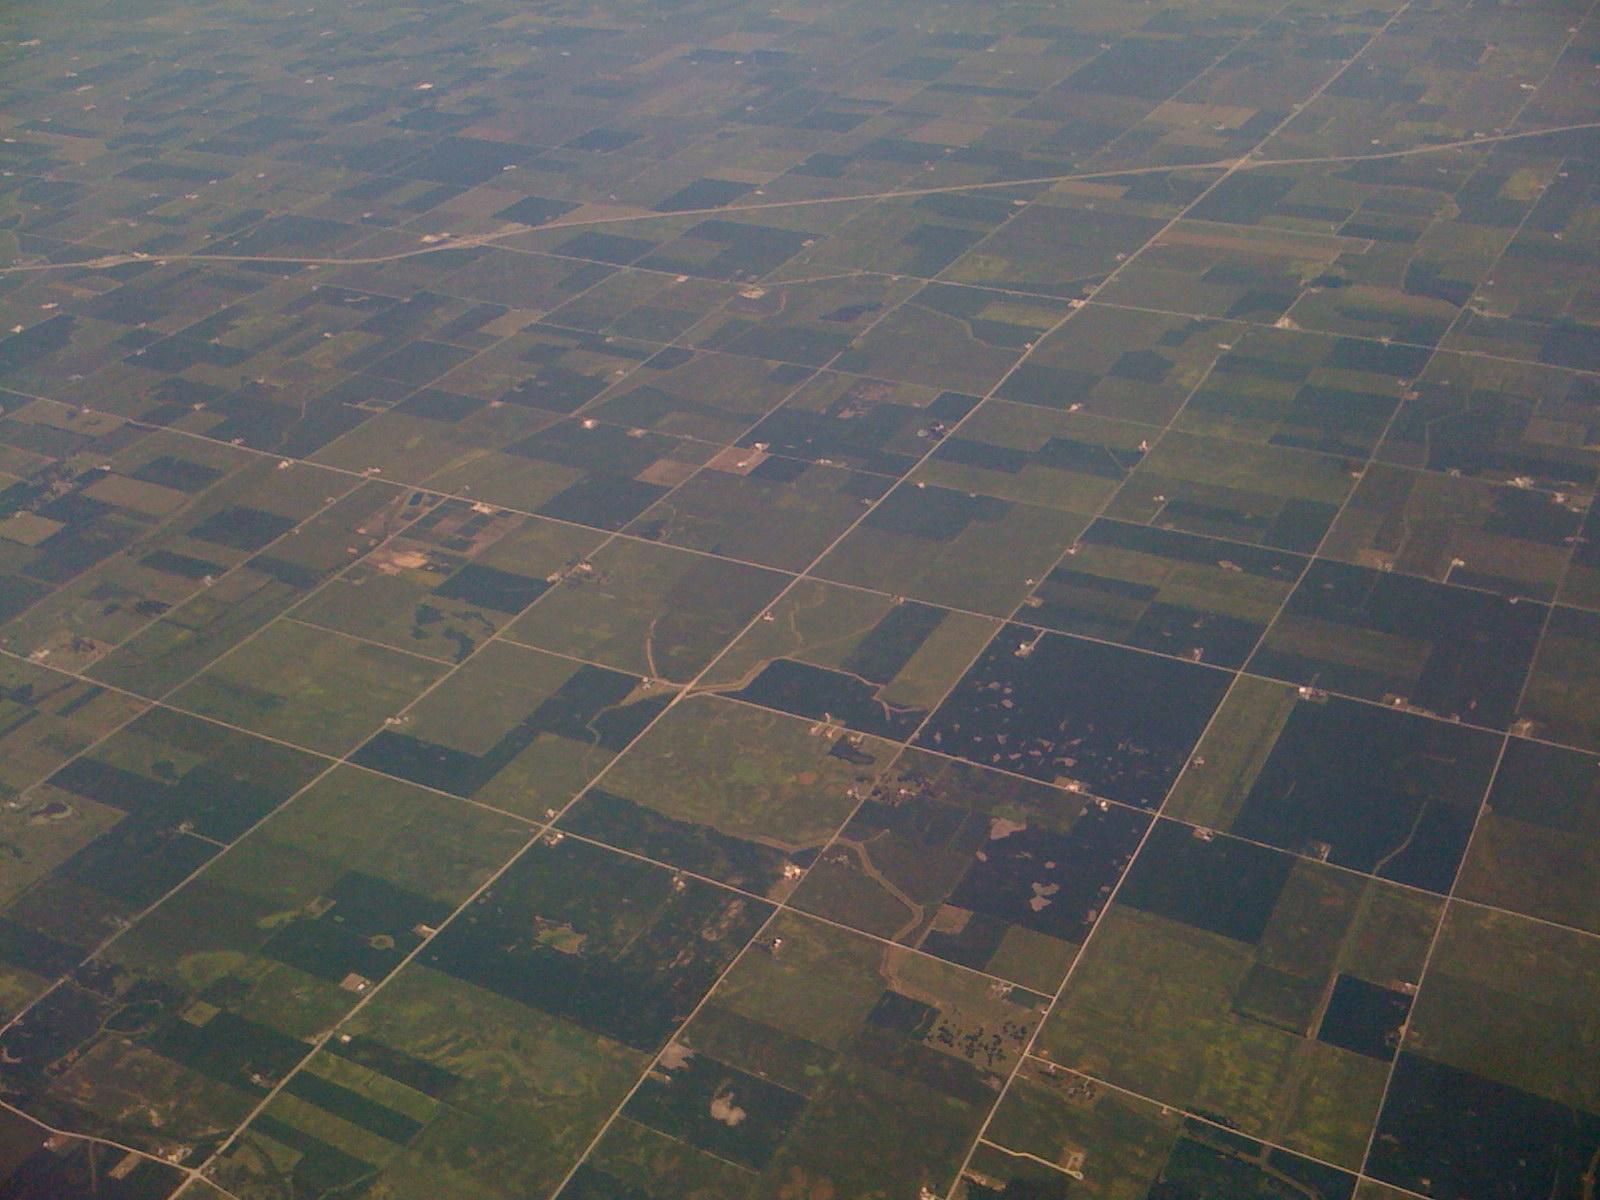 Section United States Land Surveying